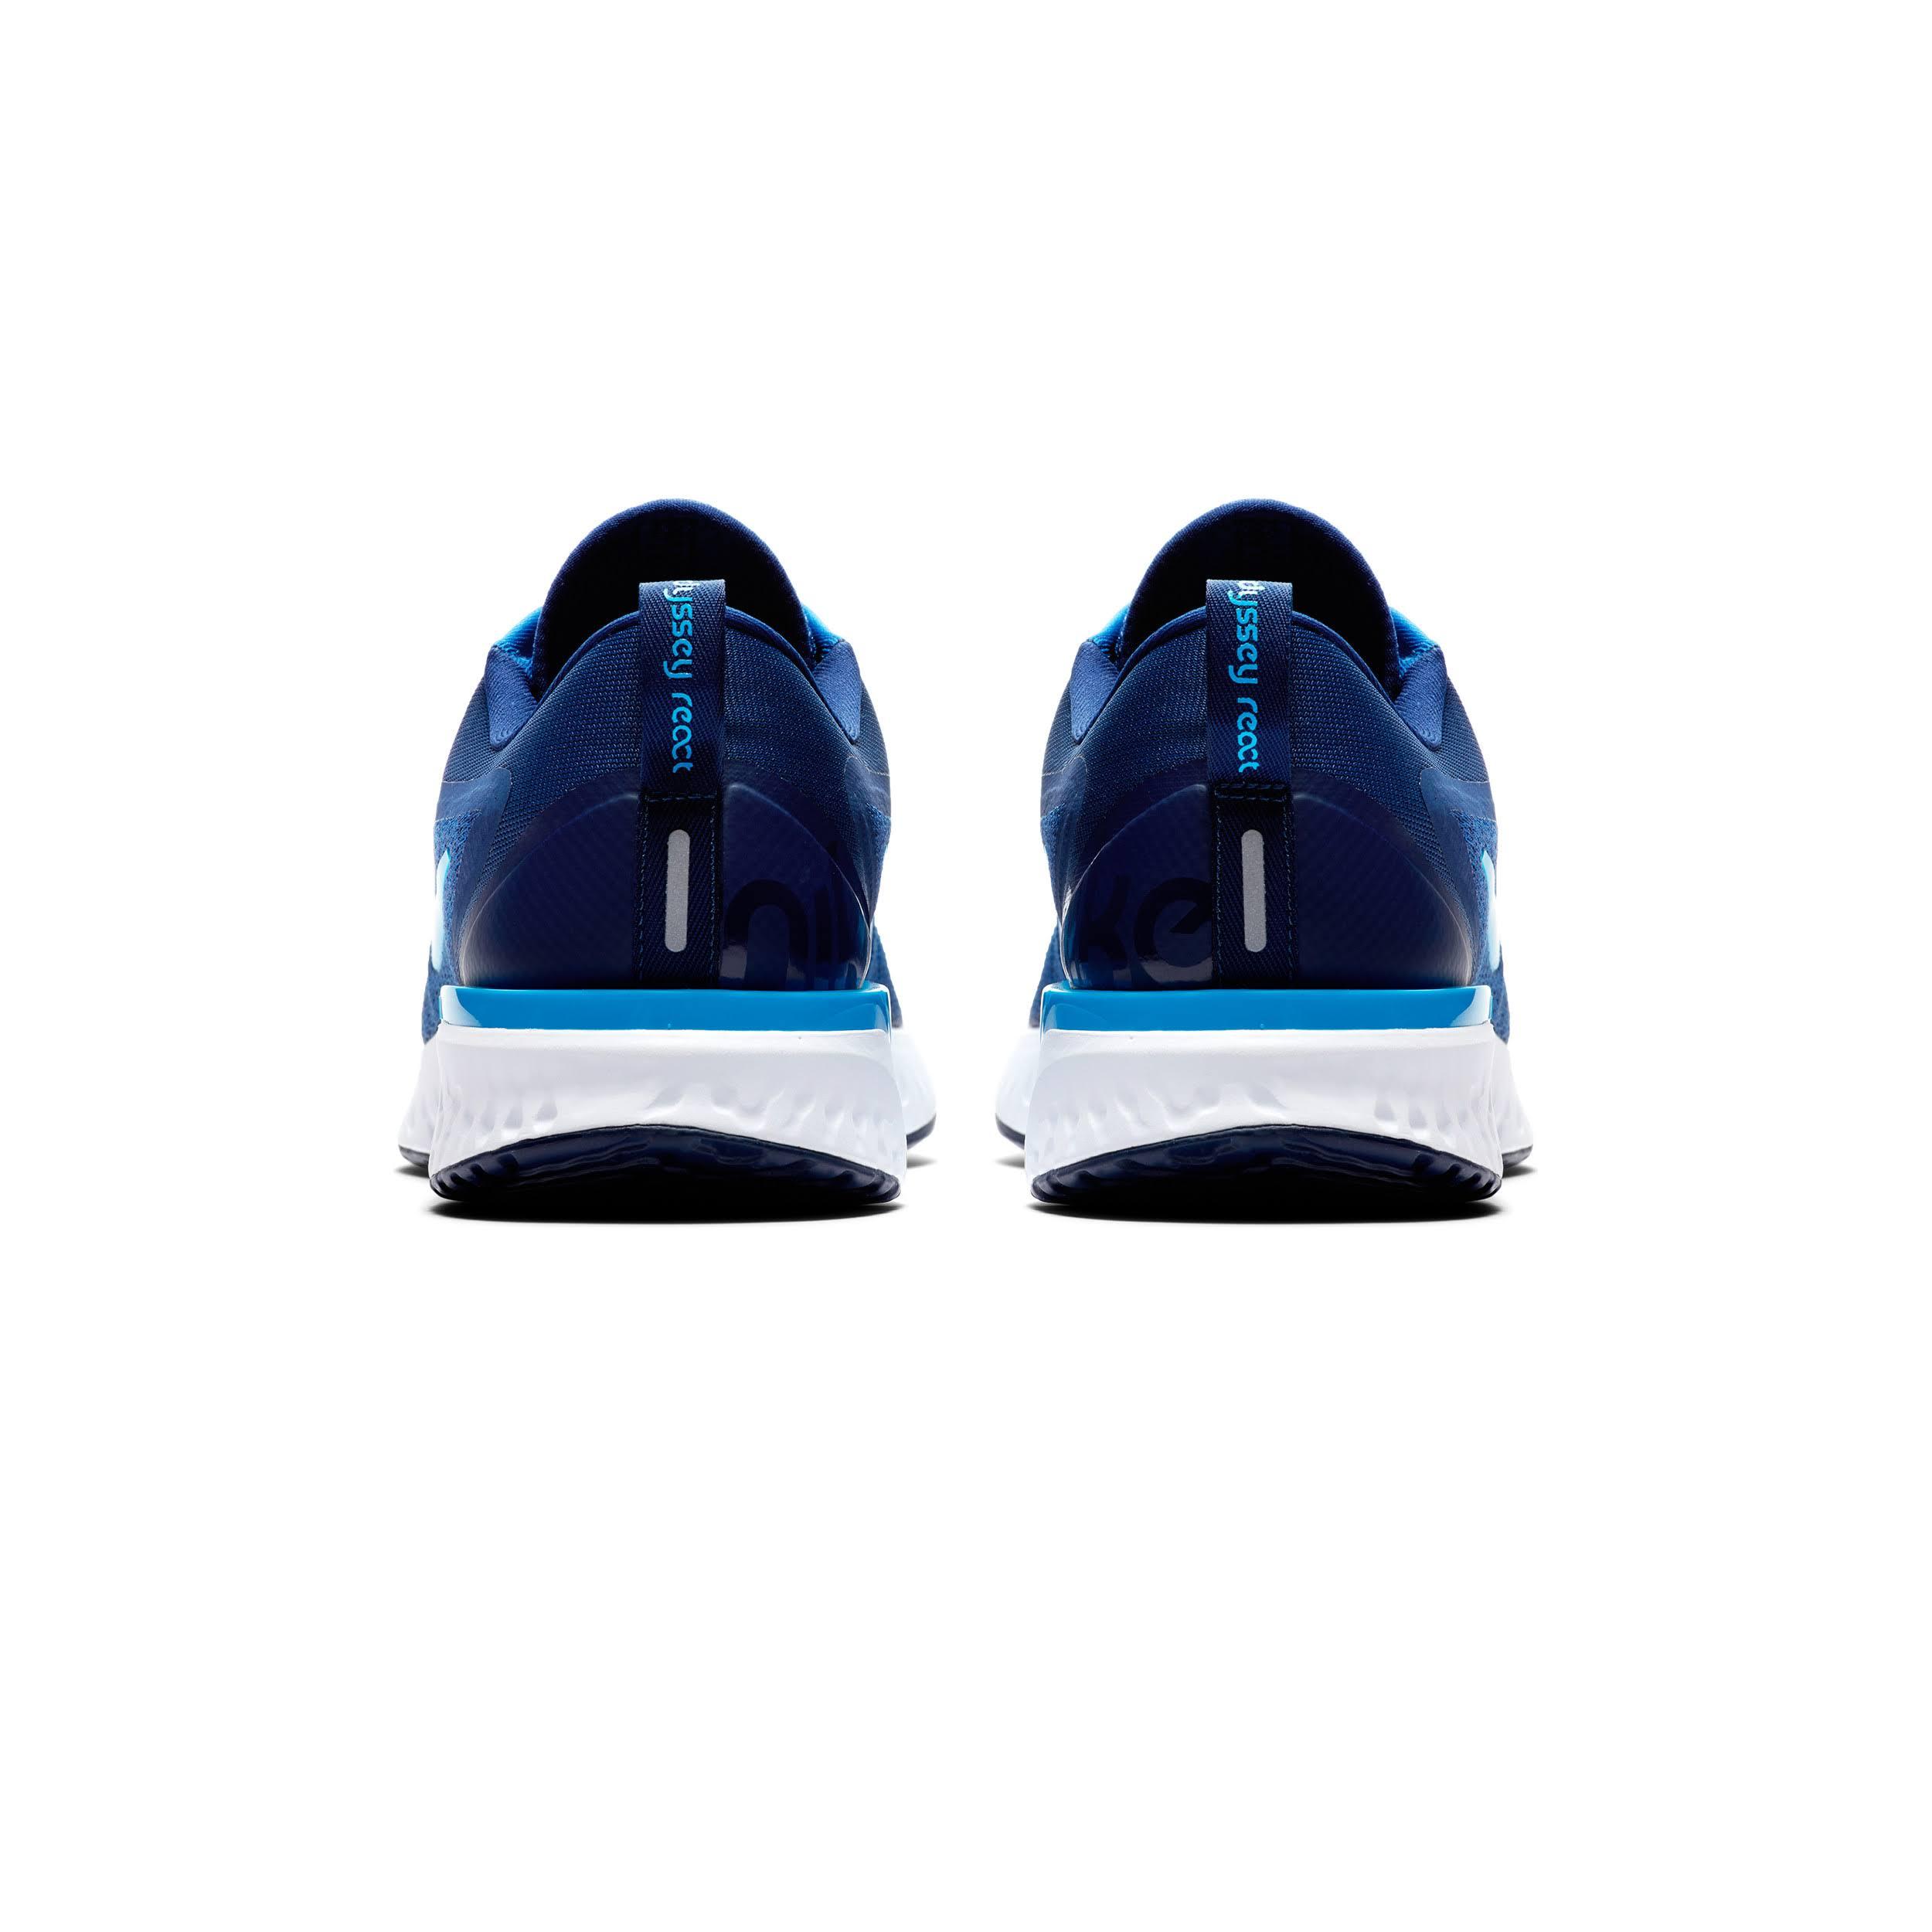 Manner Odyssey 1 2 40 Nike Blau Schuhe Weis Hellblau React 1nZFw